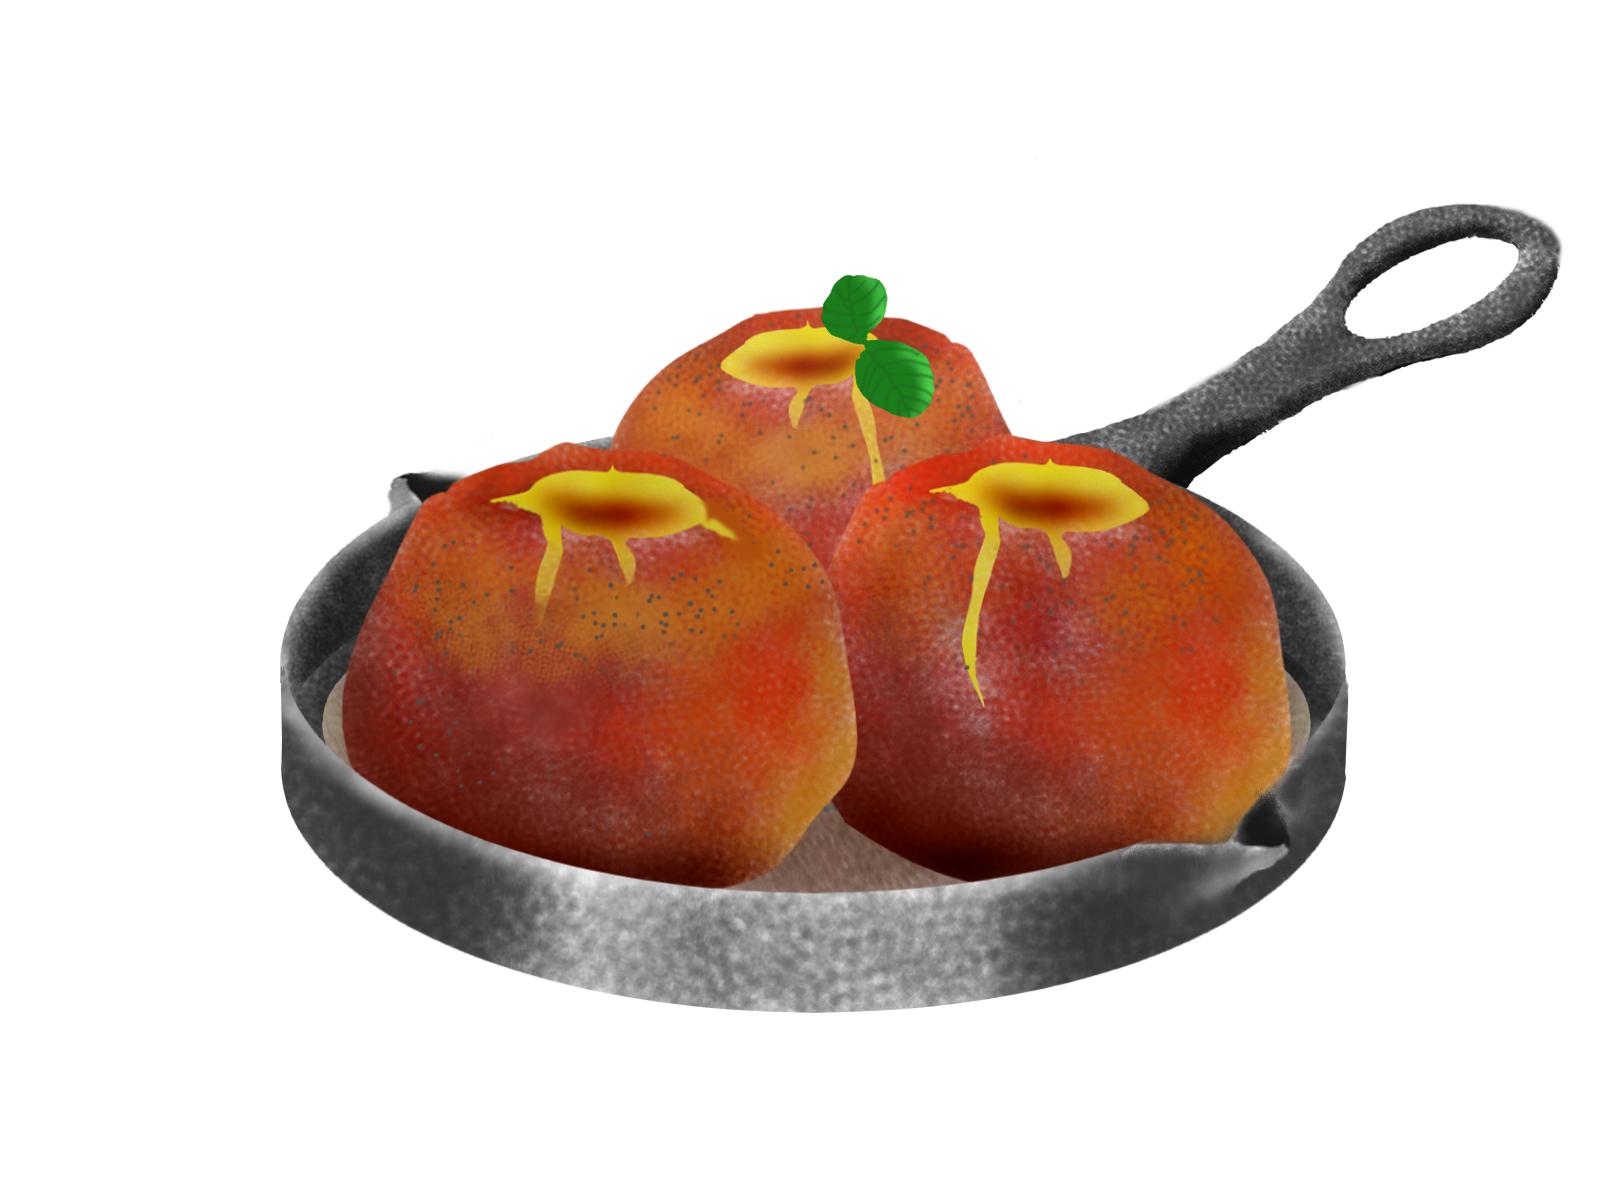 【悲報】焼いて美味しくなるフルーツ、そんな多くない